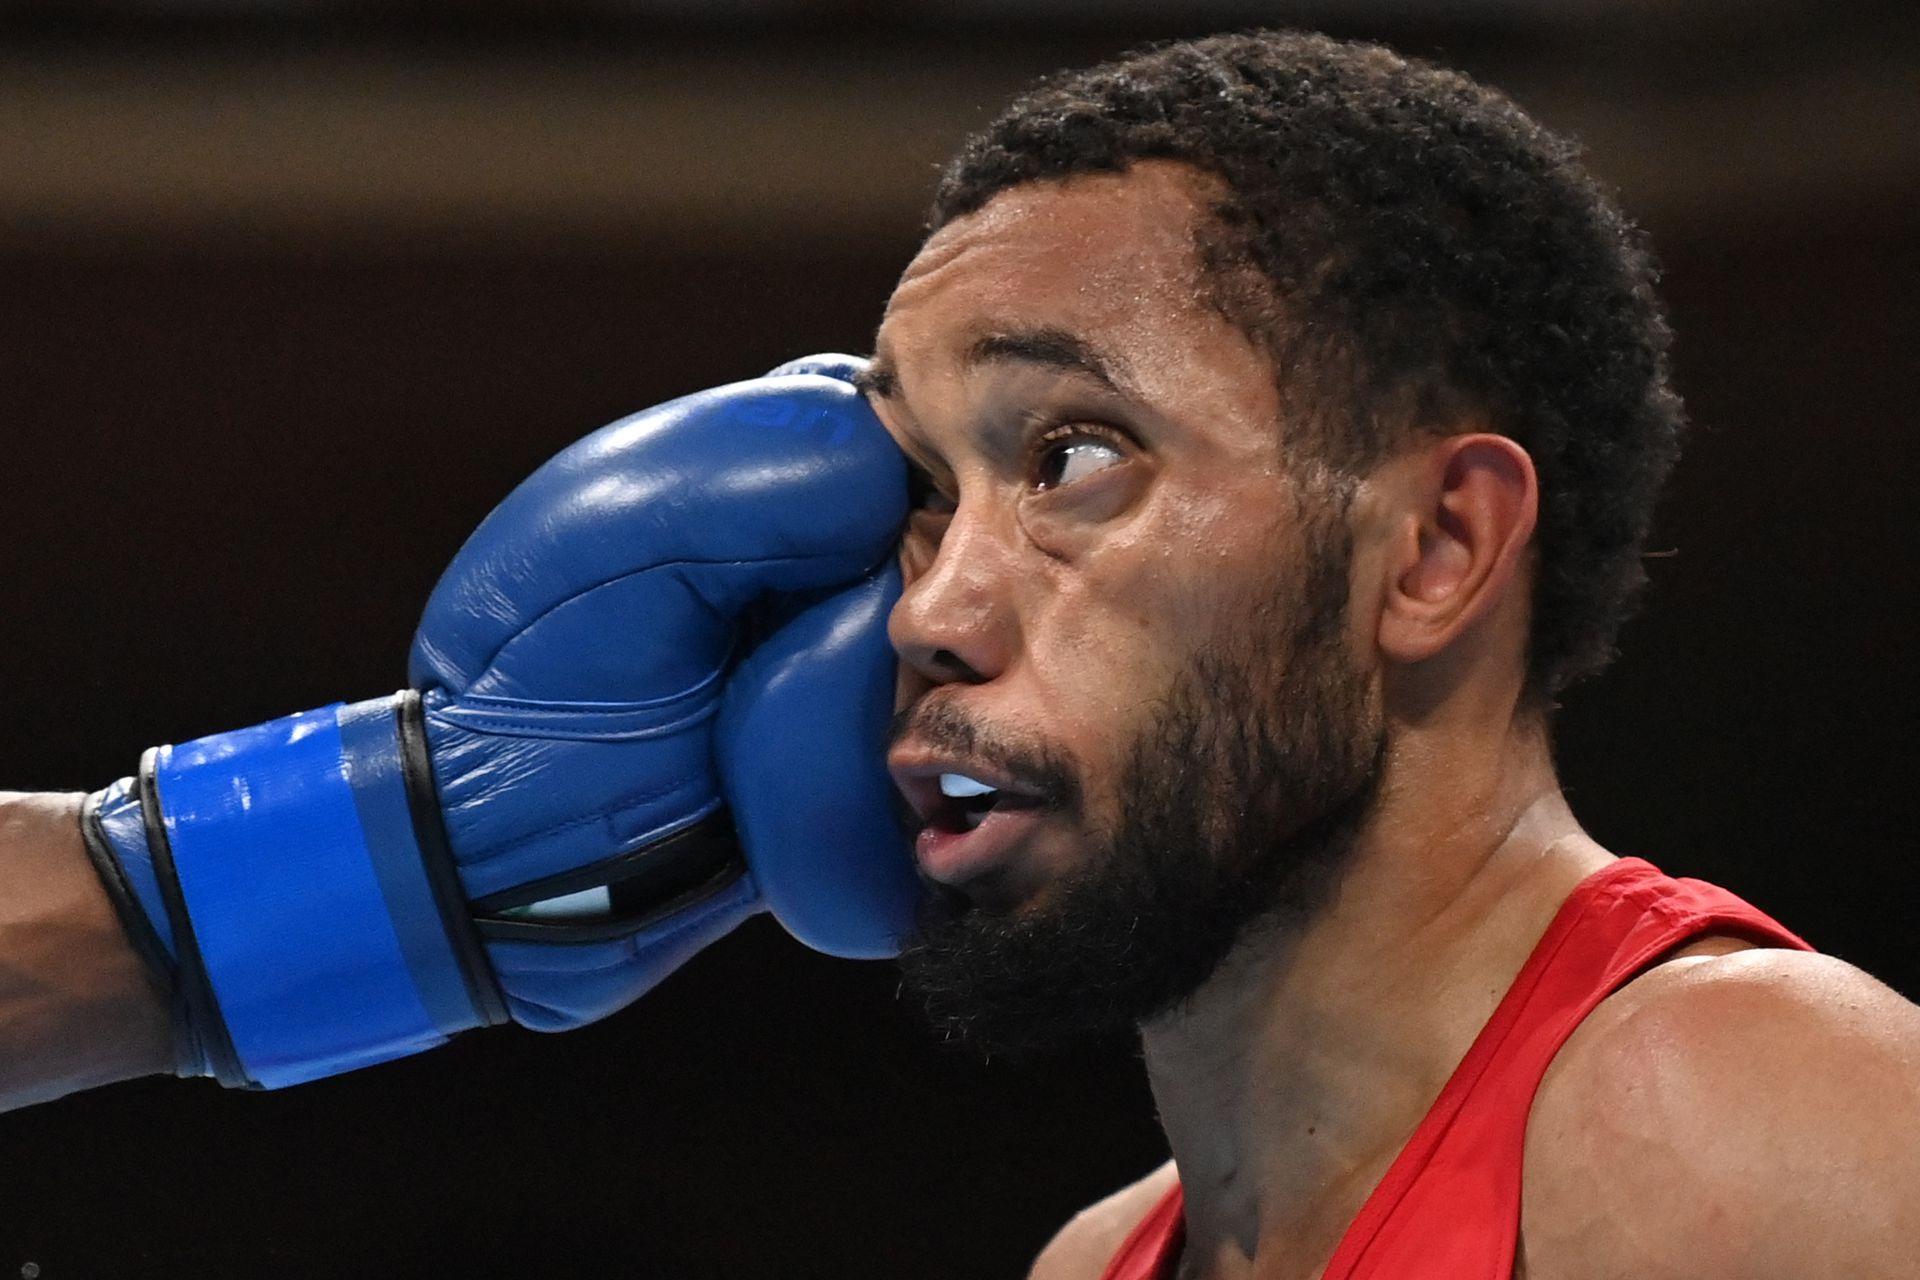 El estadounidense Duke Ragan (rojo) y el ghanés Samuel Takyi pelean durante la semifinal de boxeo de sus hombres (52-57 kg)